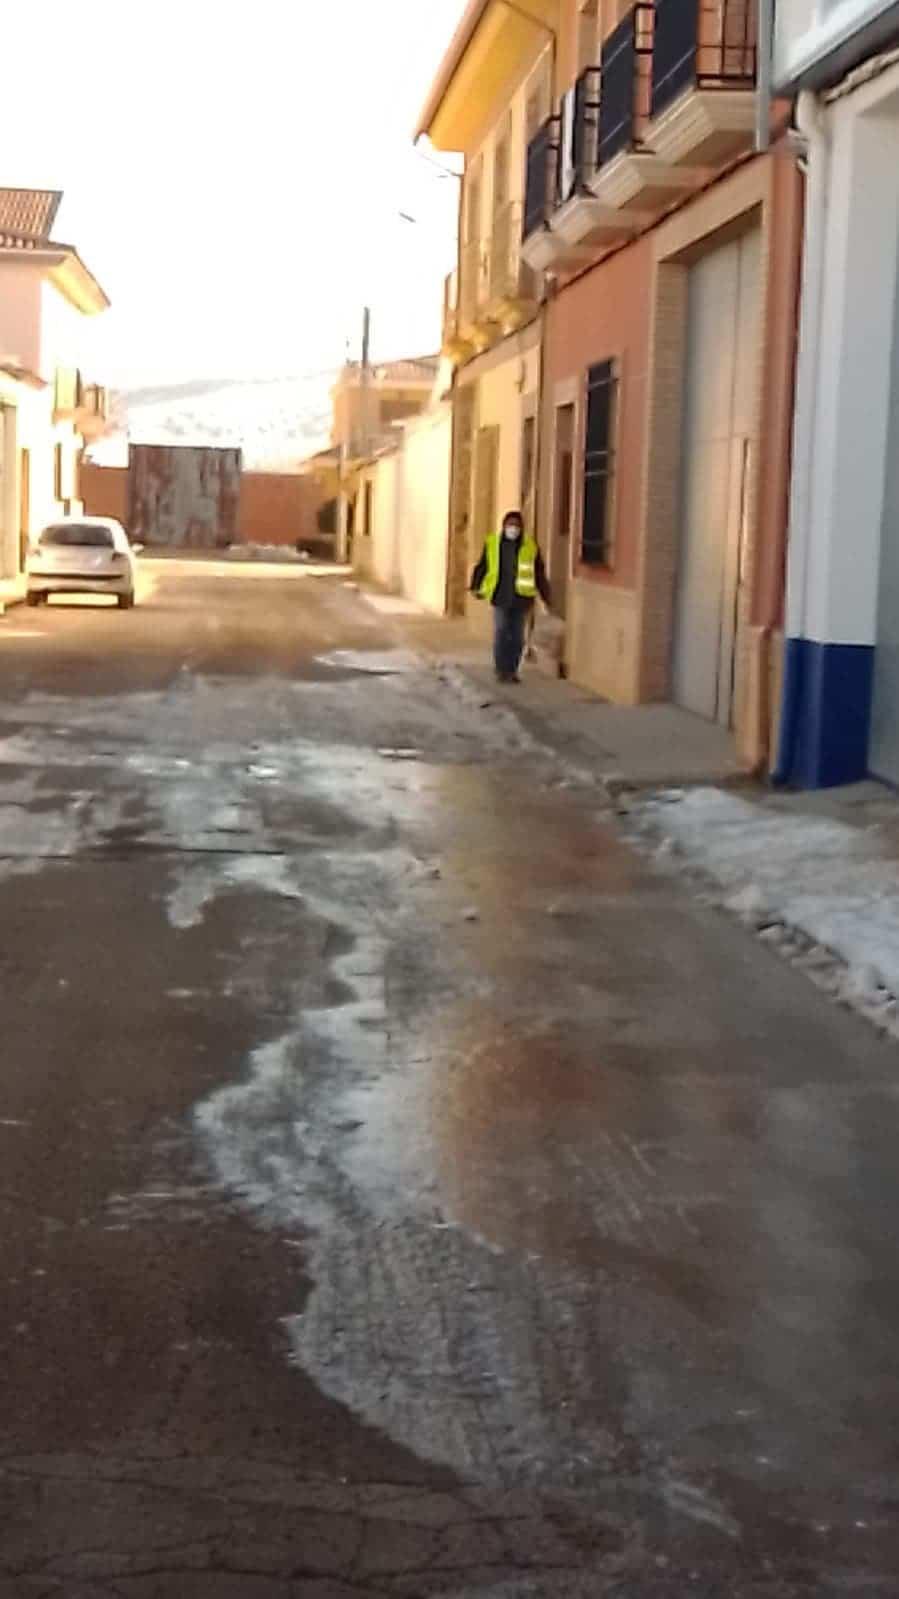 Limpieza de imbornales y retirada de placas de hielo en Herencia 18